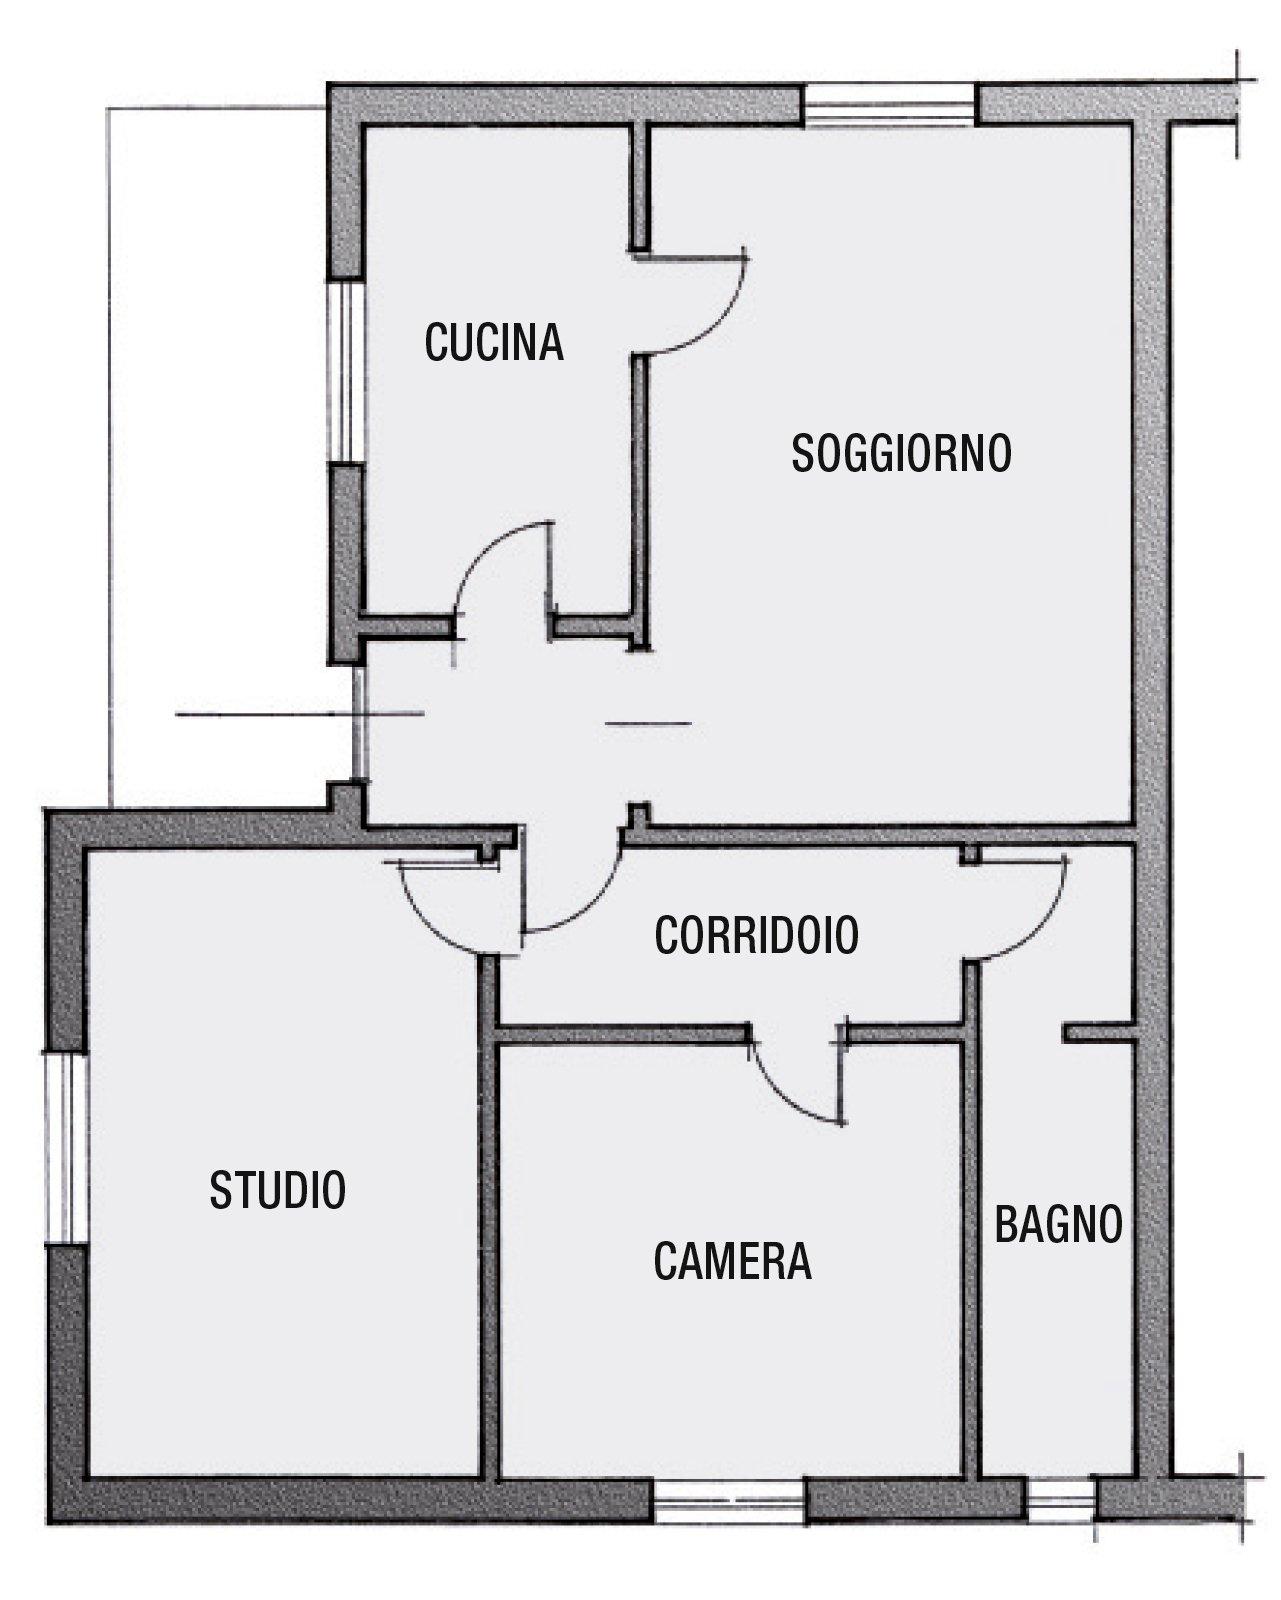 Secondo bagno a uso esclusivo della camera - Cose di Casa